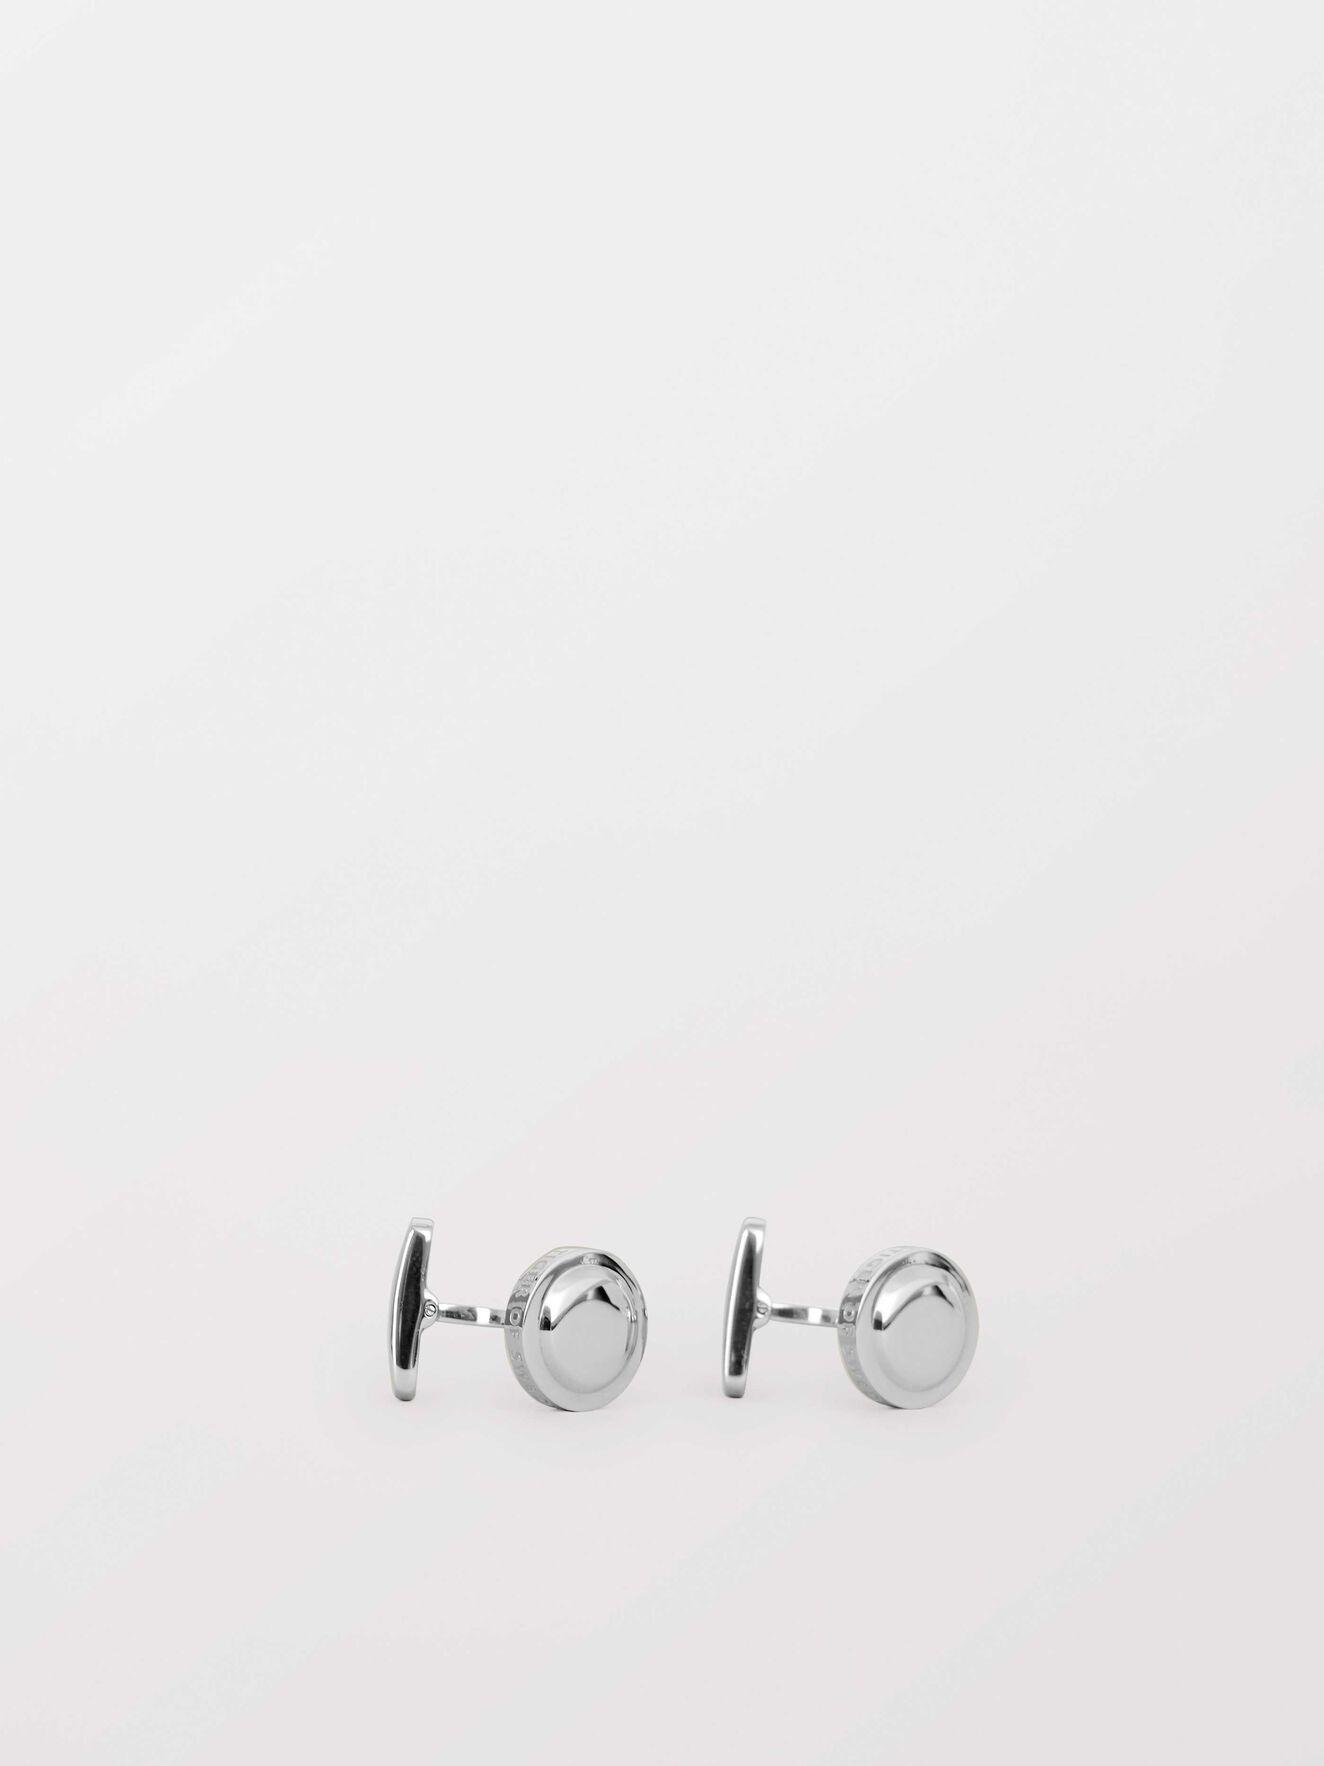 Kollett Cufflinks in Silver from Tiger of Sweden